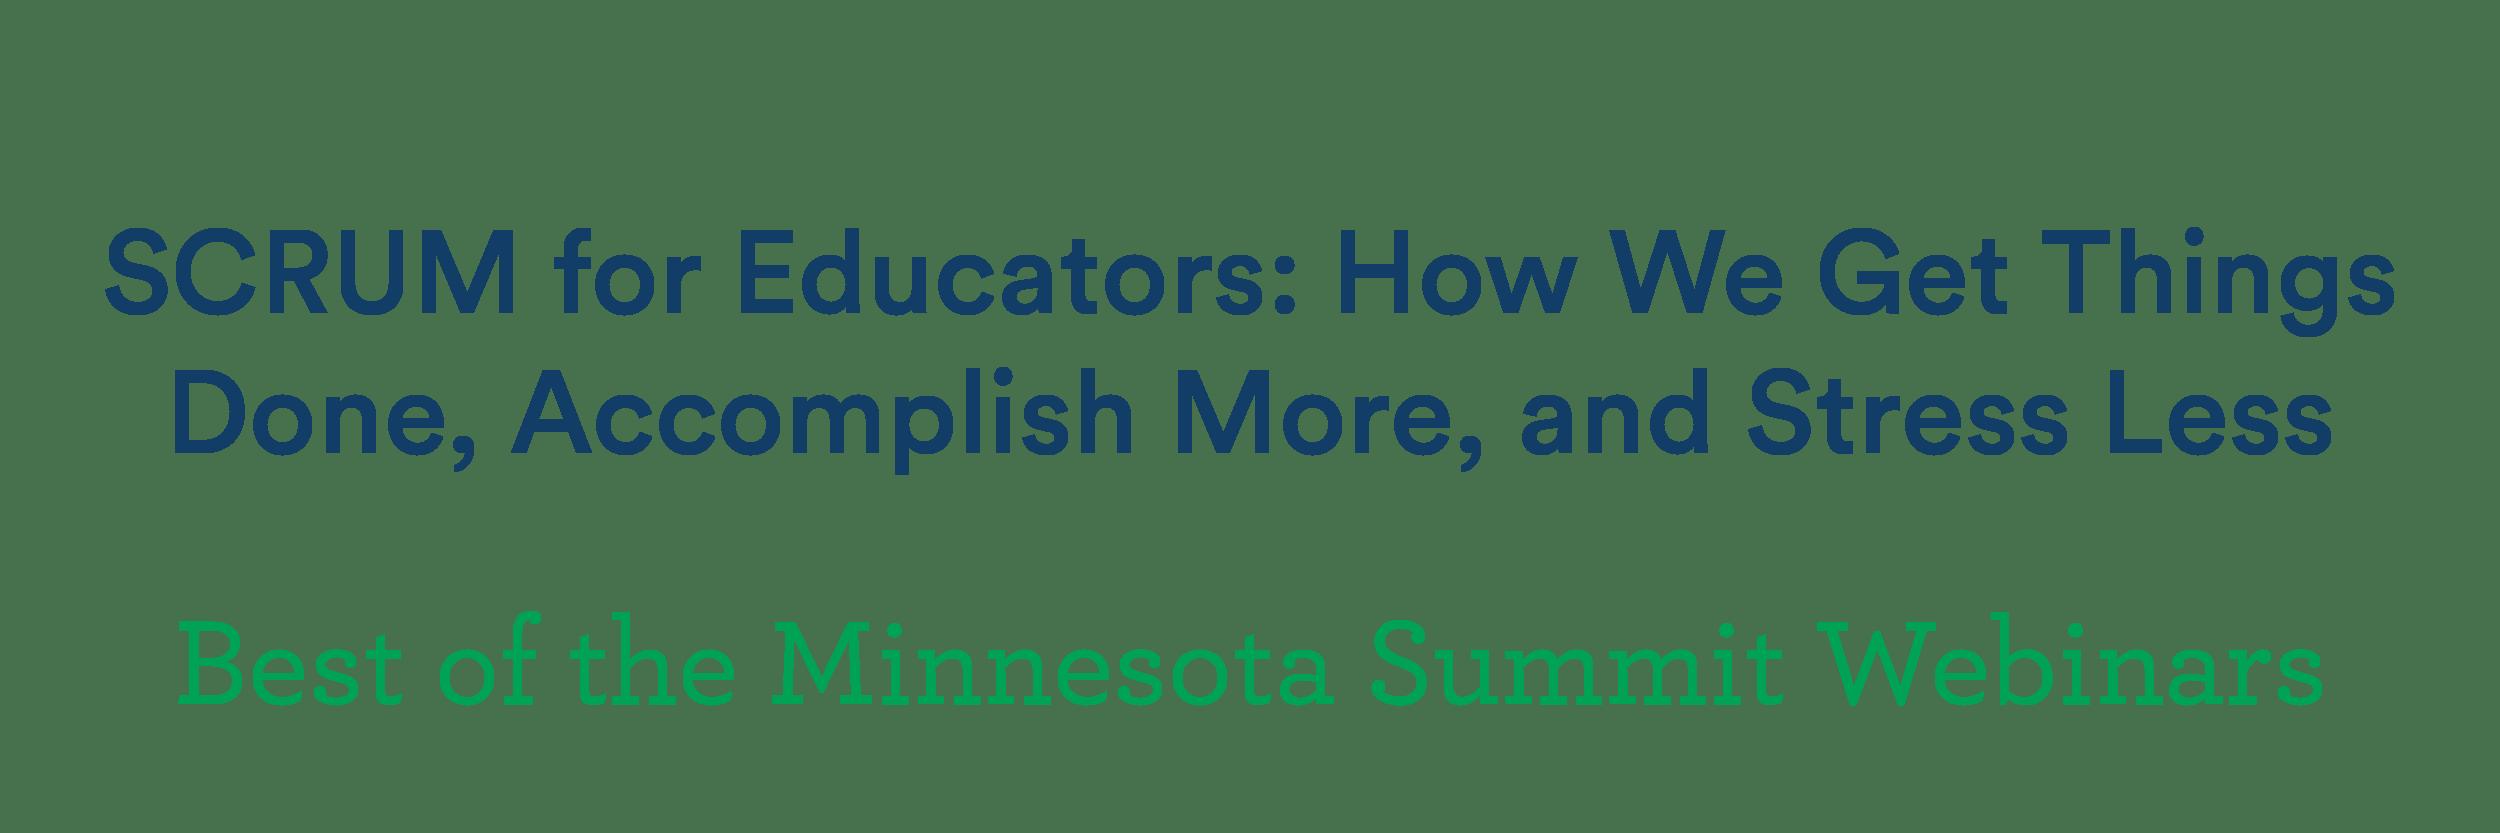 SCRUM-for-educators